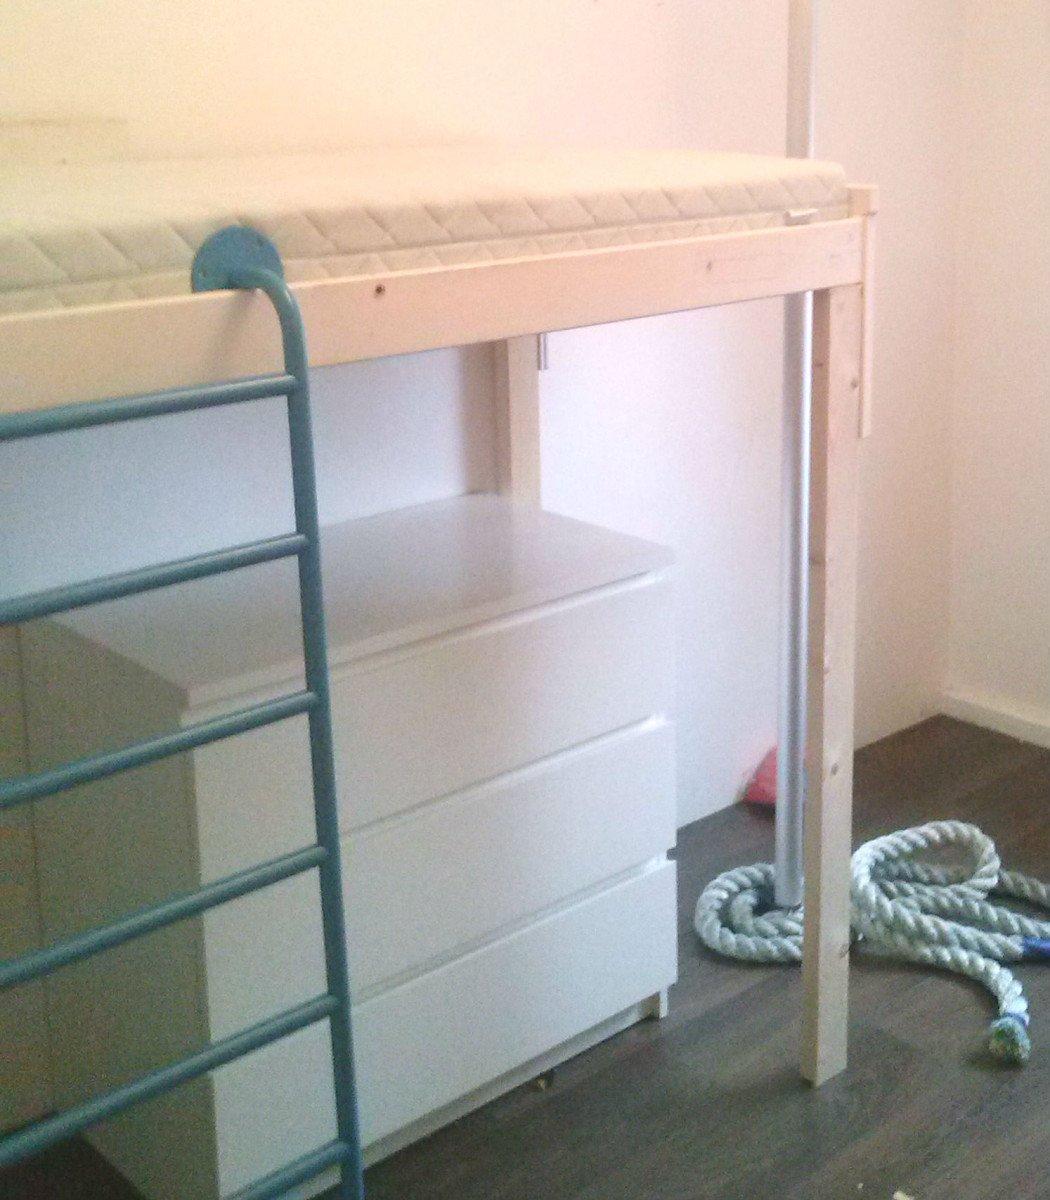 Castle playhouse & loft bed IKEA Hackers IKEA Hackers